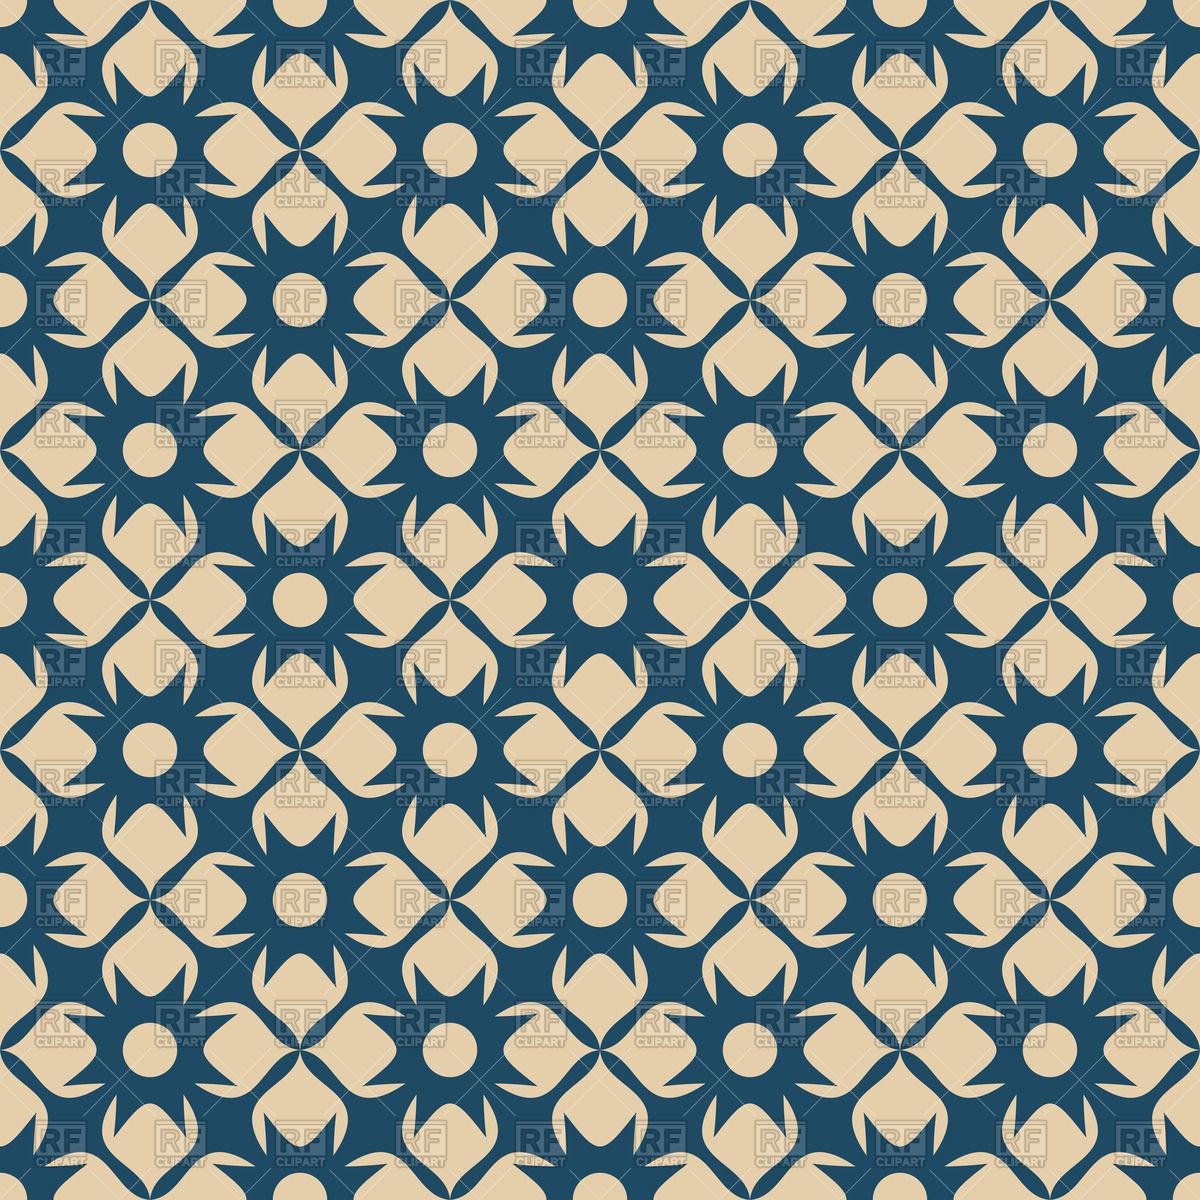 simple shapes wallpaper wallpapersafari